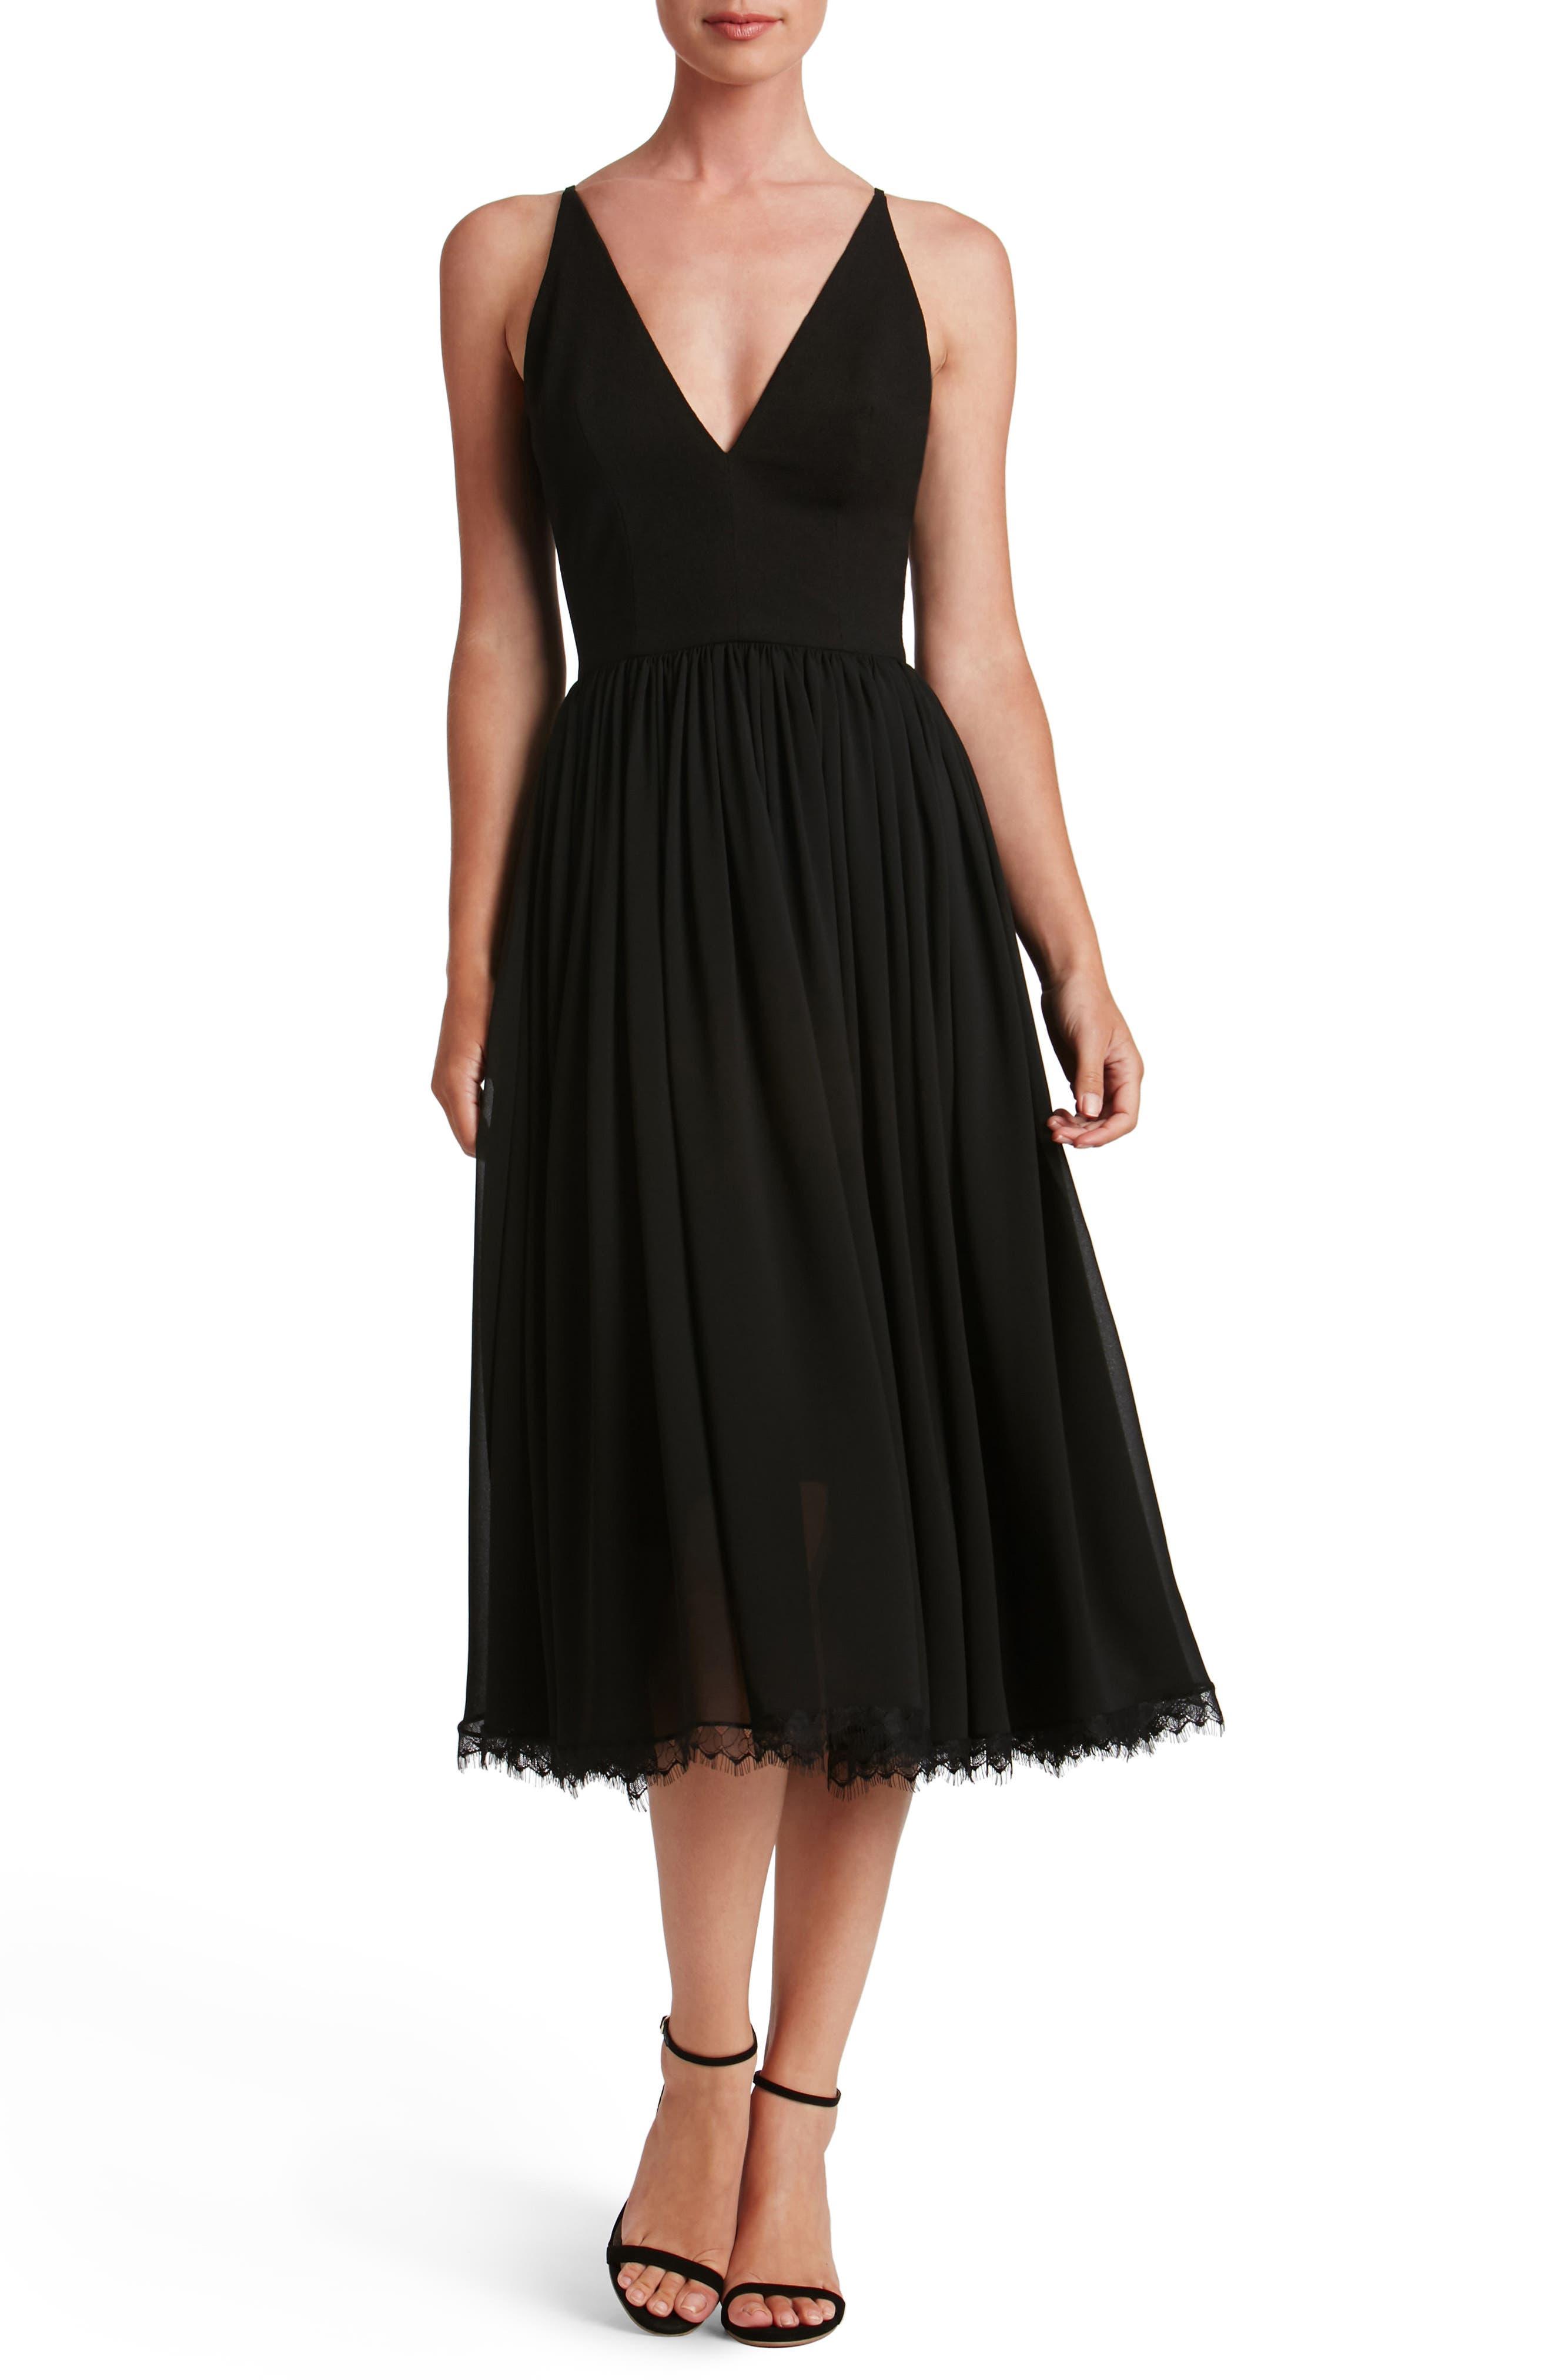 Nordstrom Black Dresses